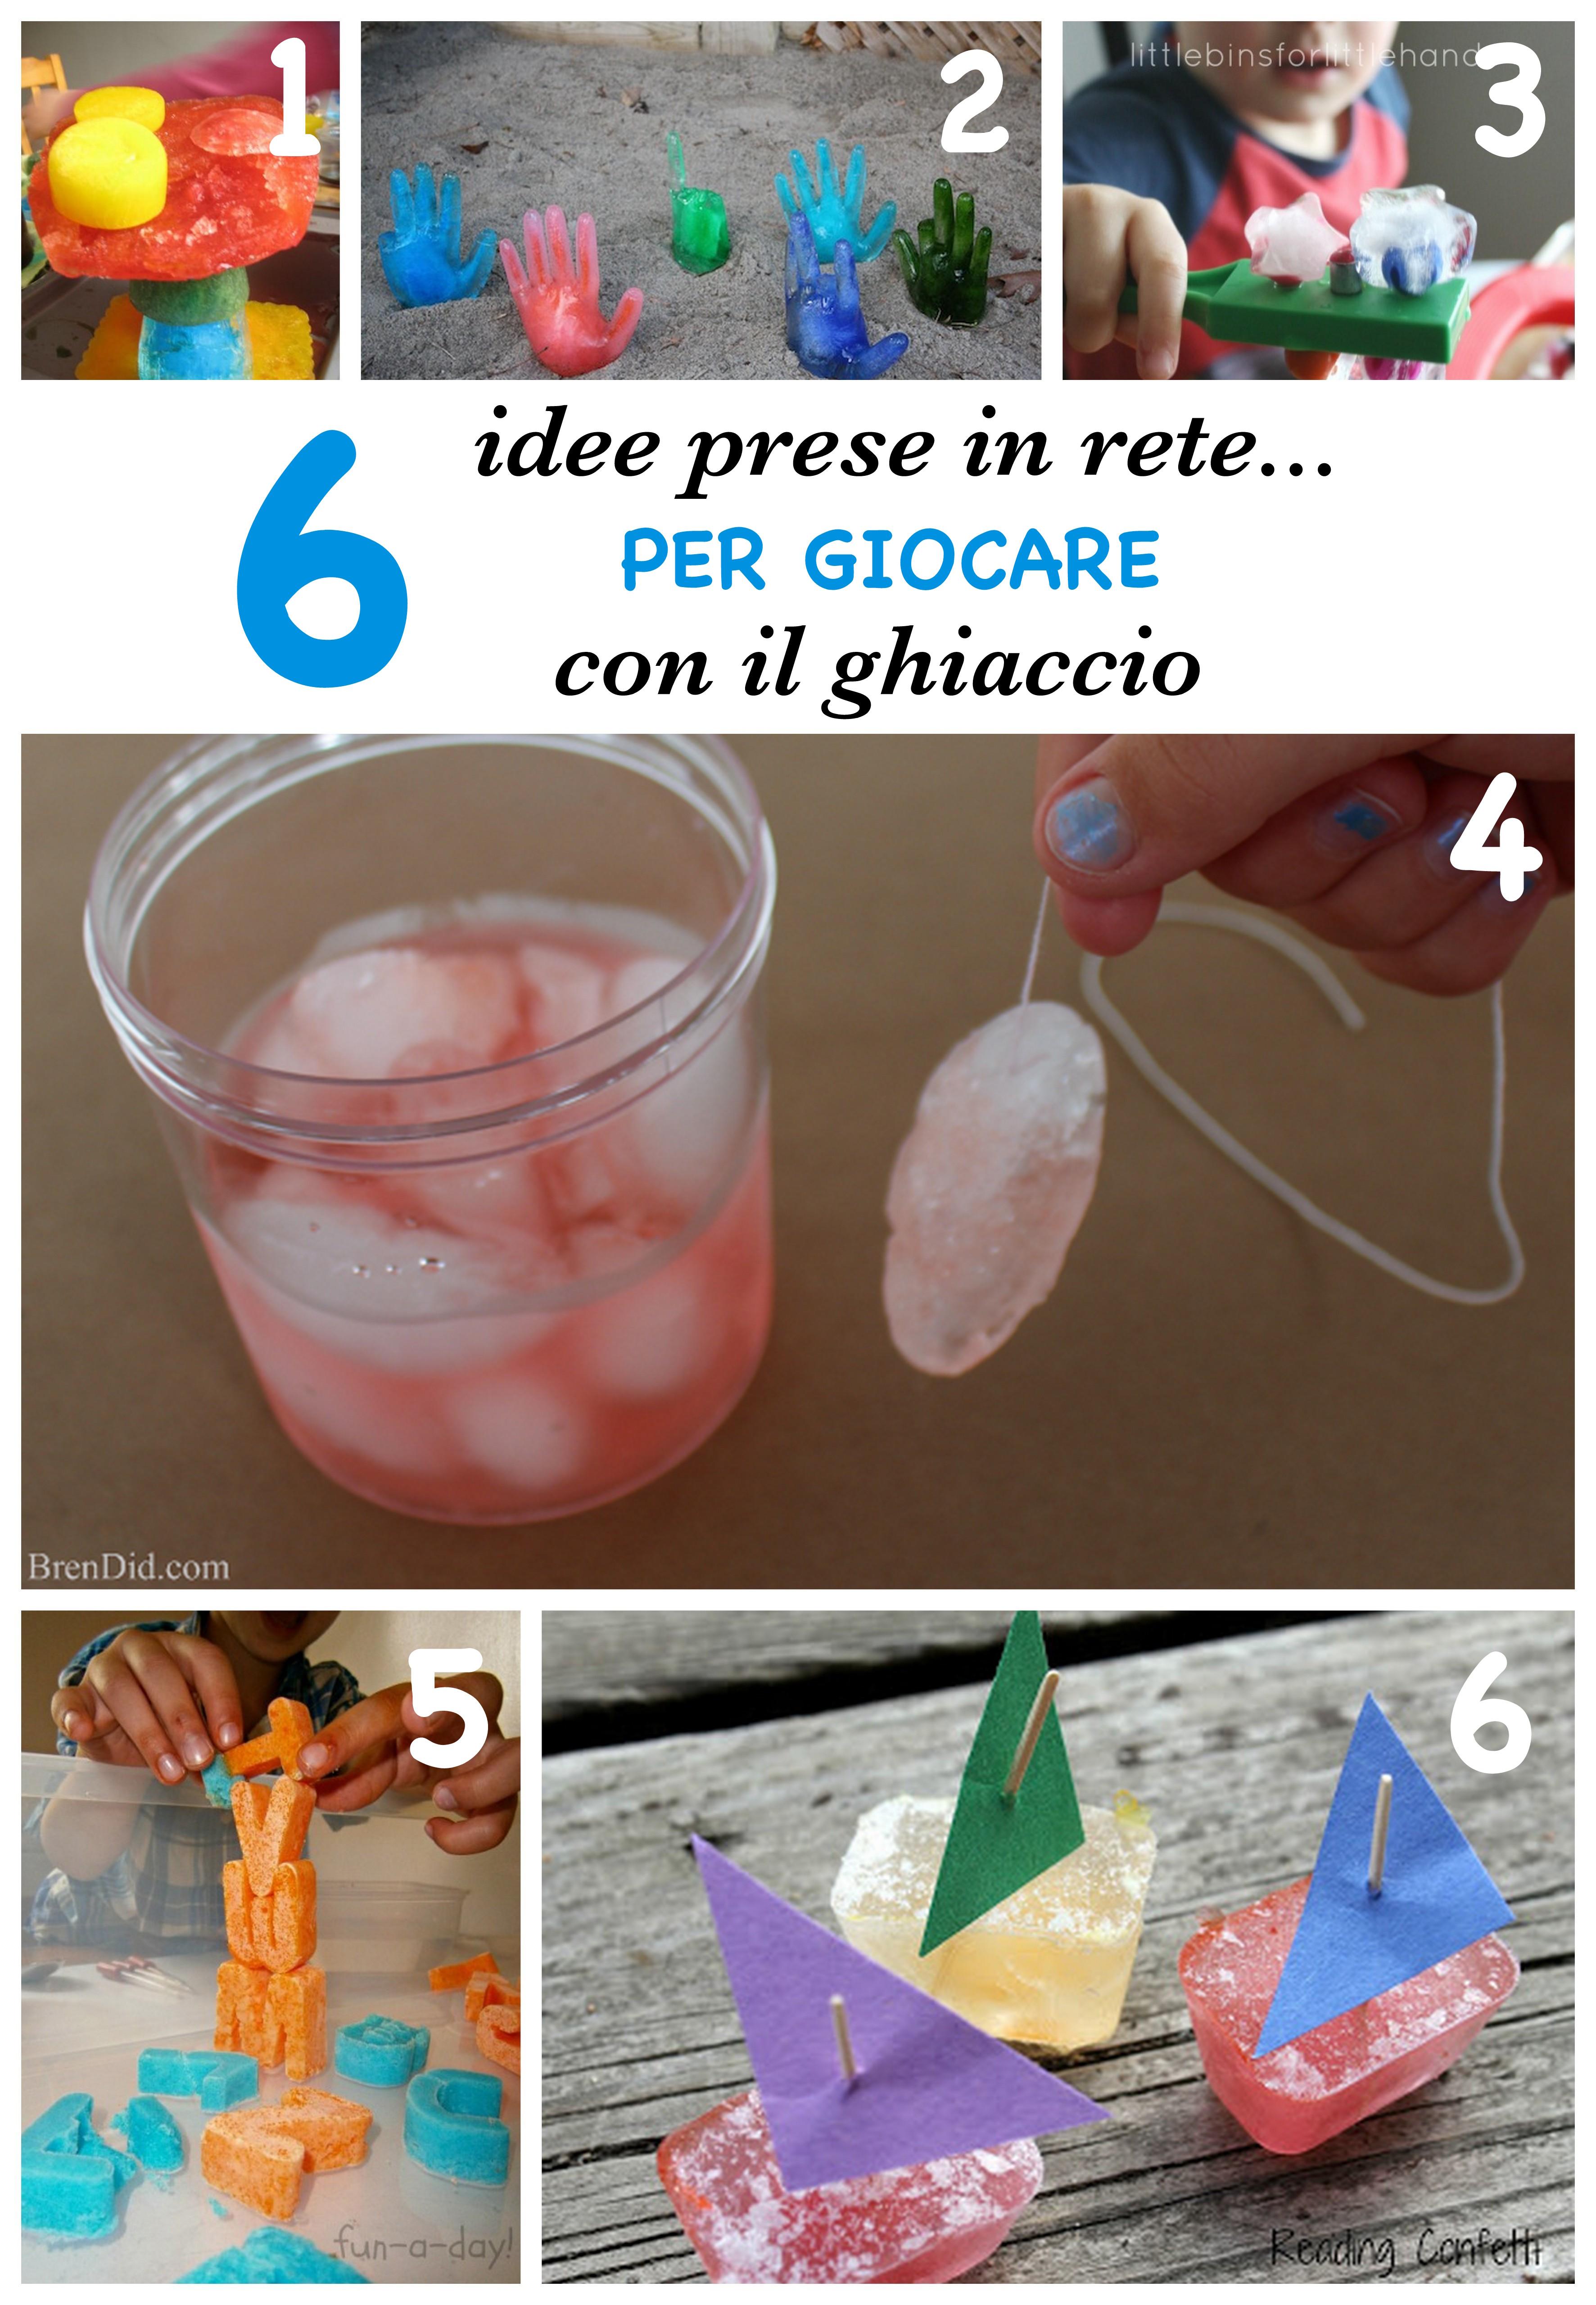 idee per giocare con il ghiaccio